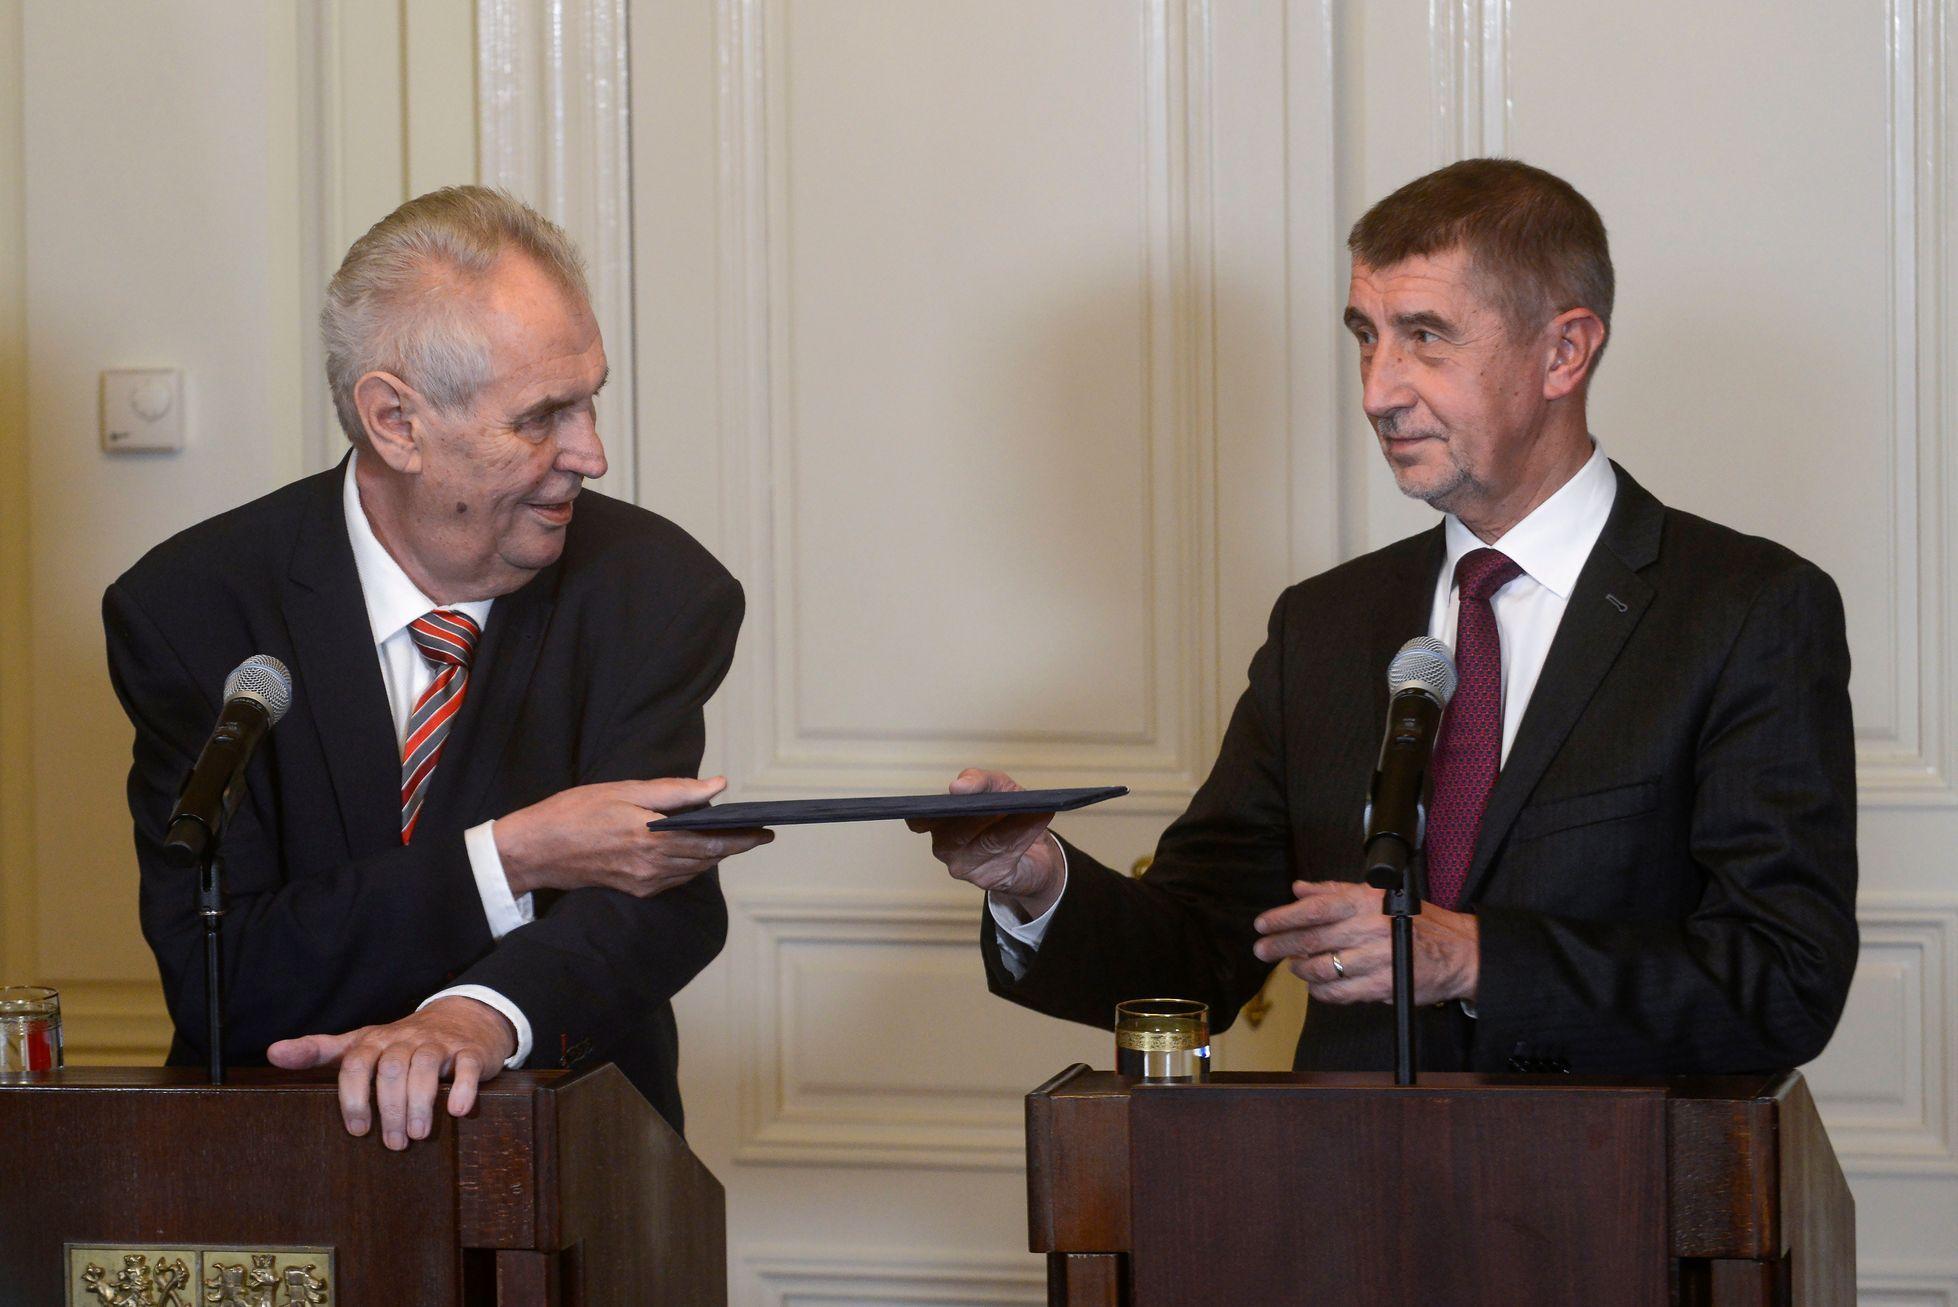 Se Zemanem a Babišem se Česko vzdaluje dědictví listopadu 1989, volby rozhodují emoce, říká Šimečka